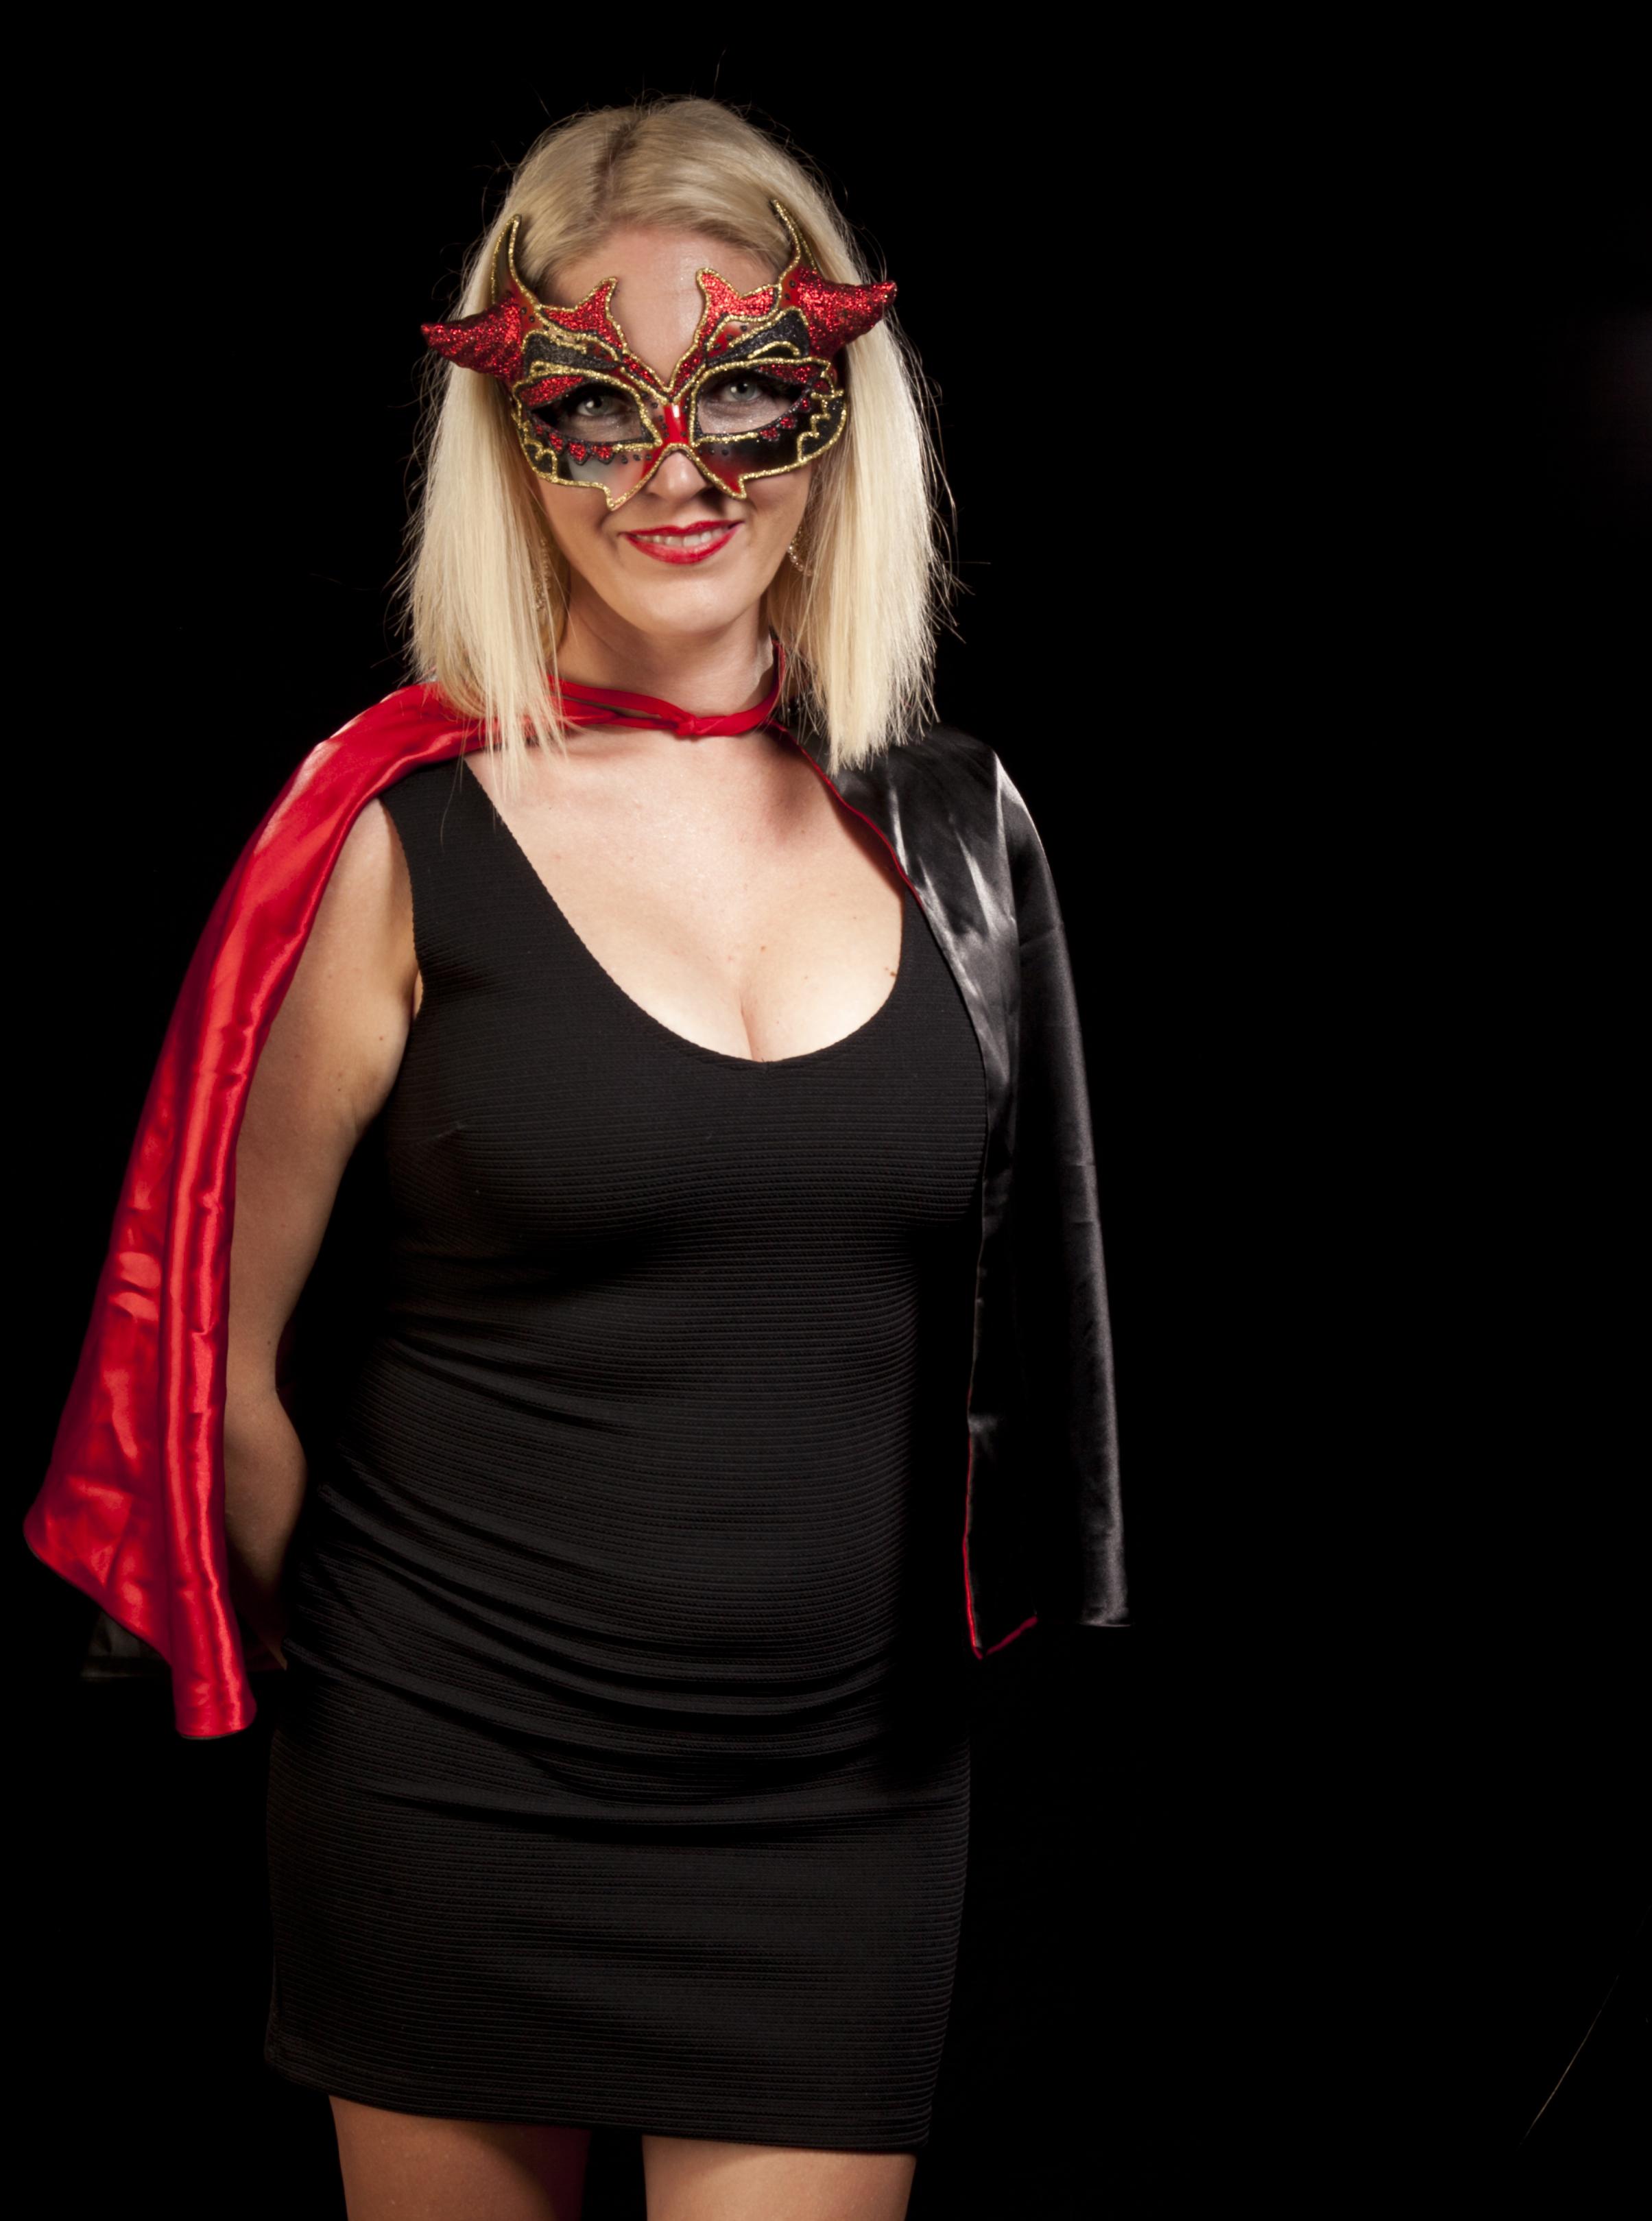 Mrs. Horned hat red capeIMG_4406.jpg